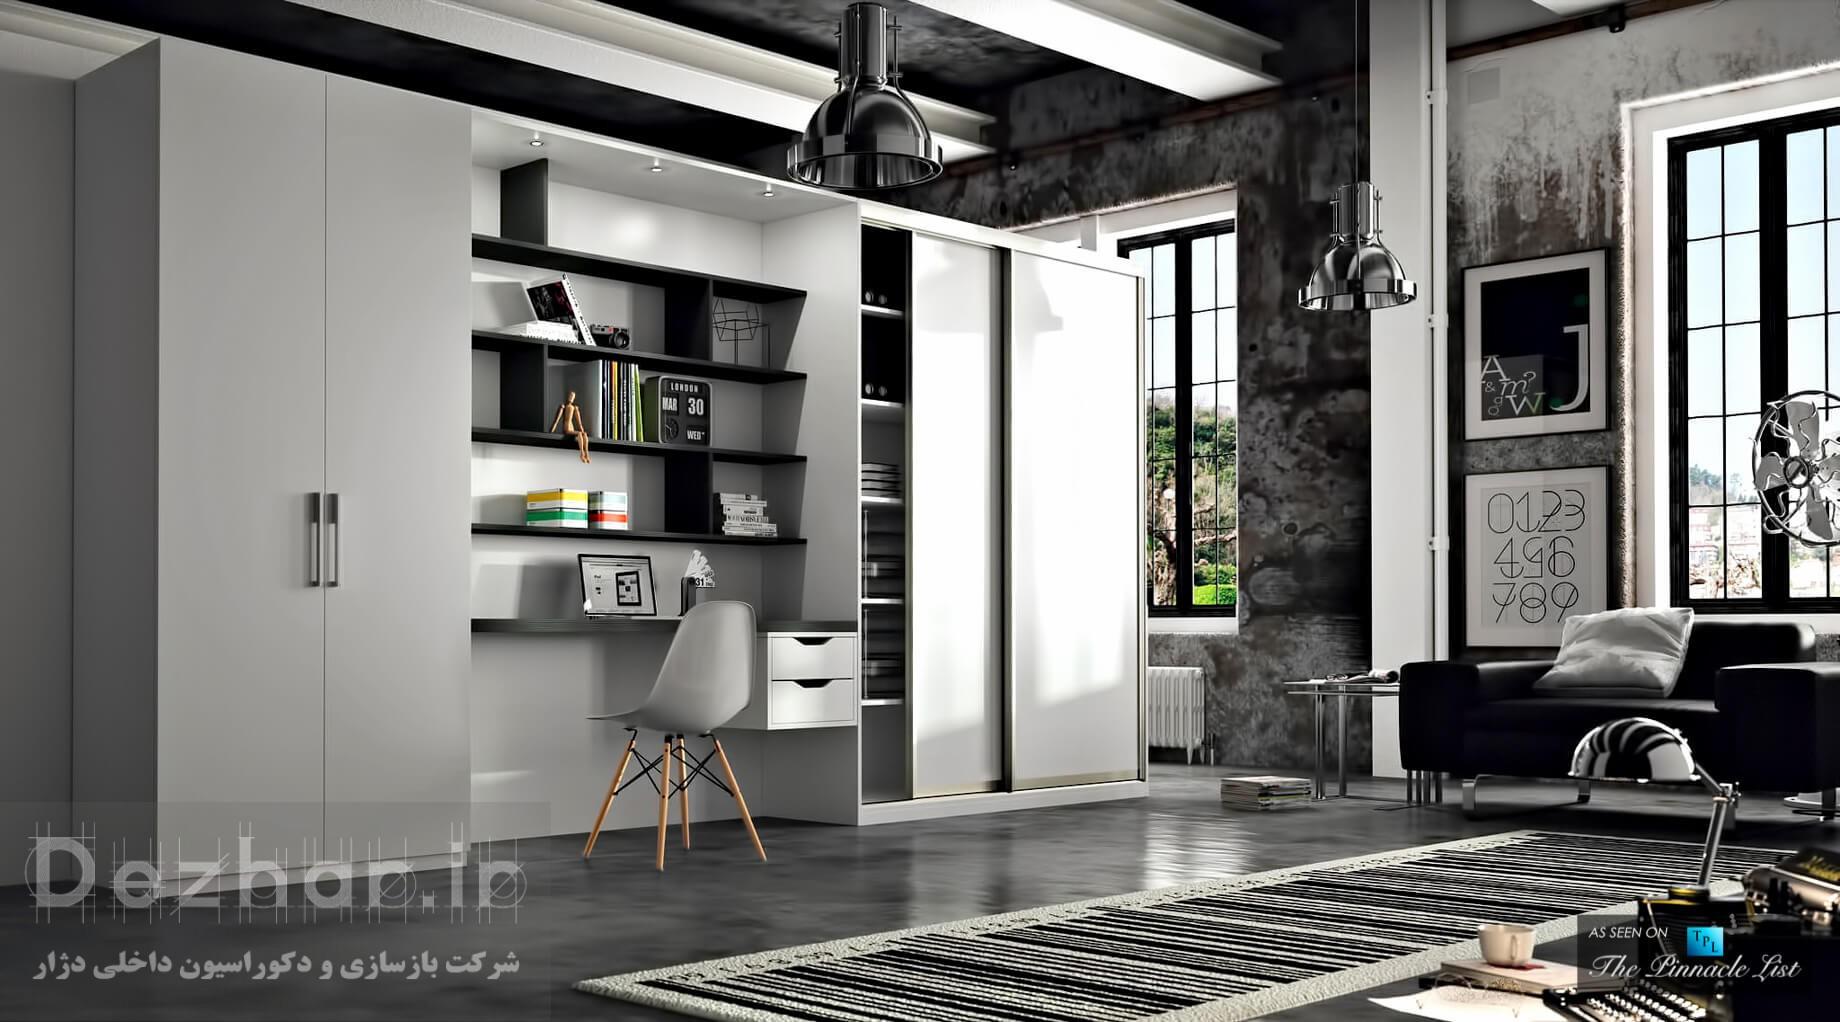 انتخاب رنگ سفید و سیاه - 3 استراتژی برای طراحی خانه لوکس